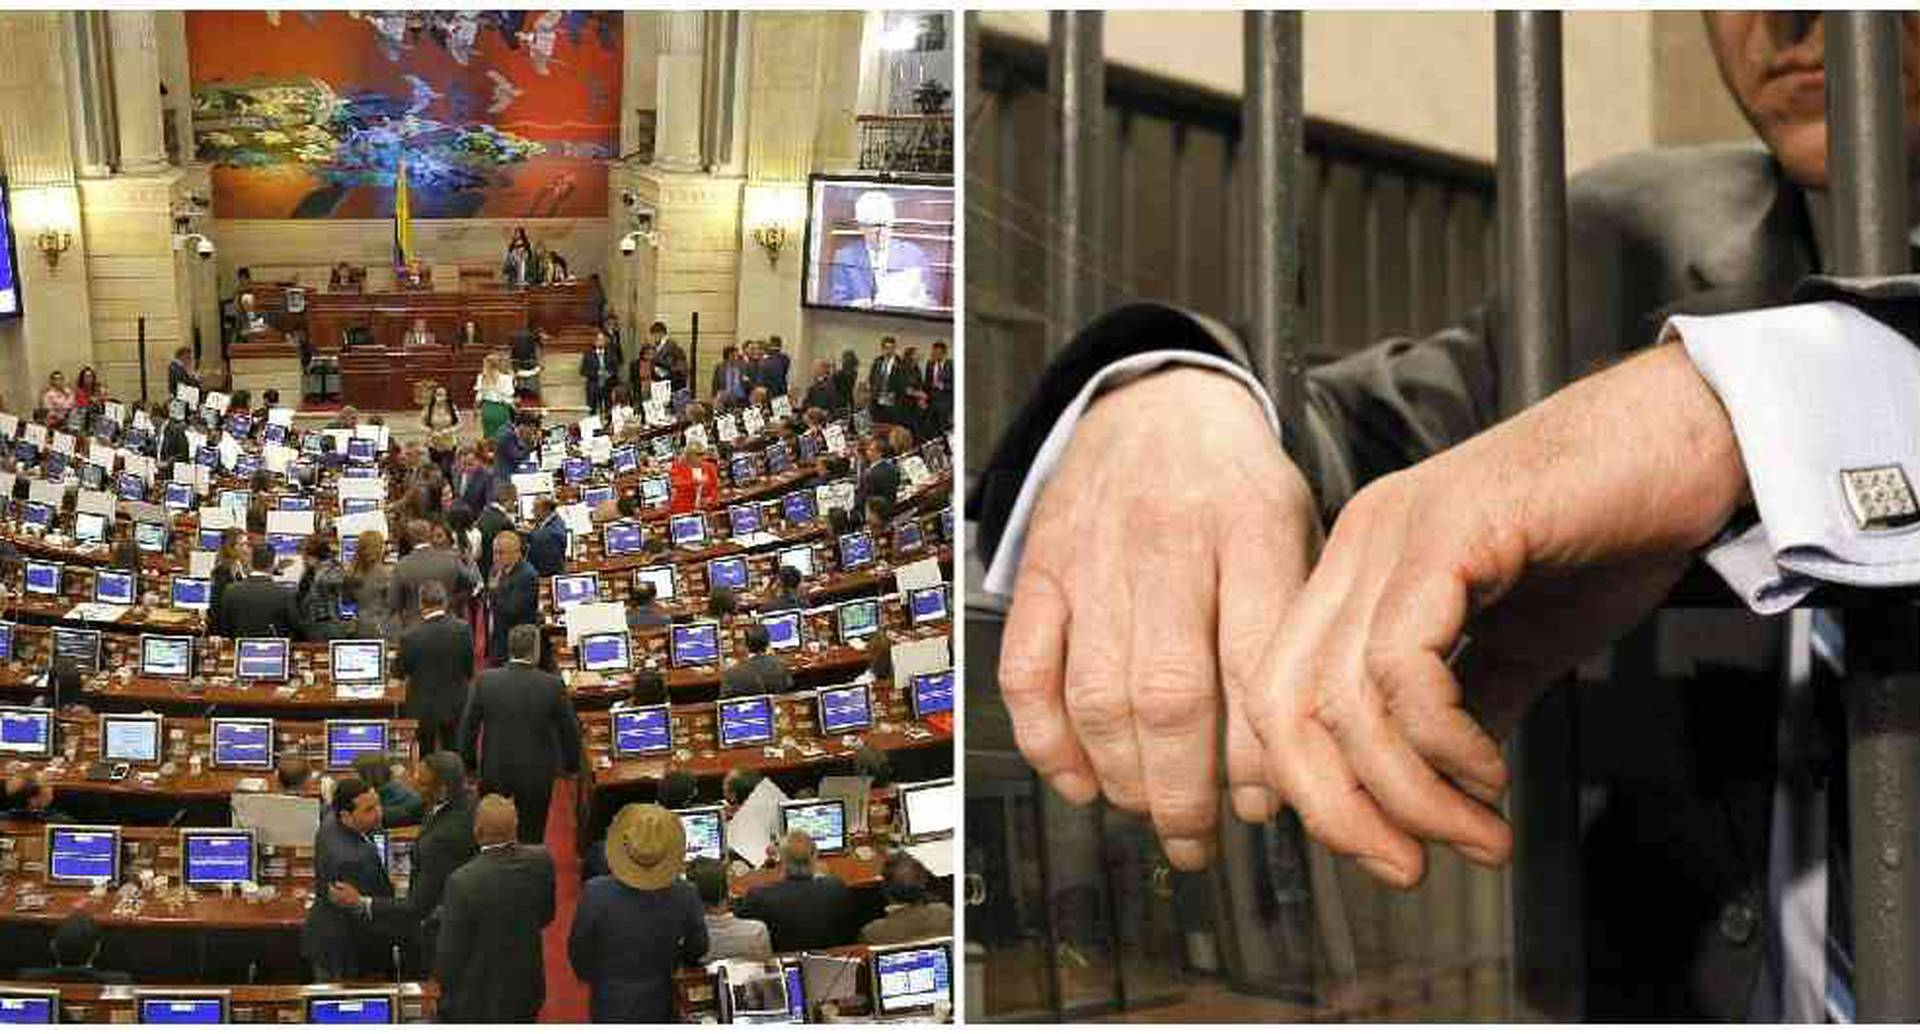 El proyecto de ley que regula las sanciones para los condenados por corrupción y delitos contra la administración pública, así como la cesión unilateral administrativa del contrato por actos de corrupción.